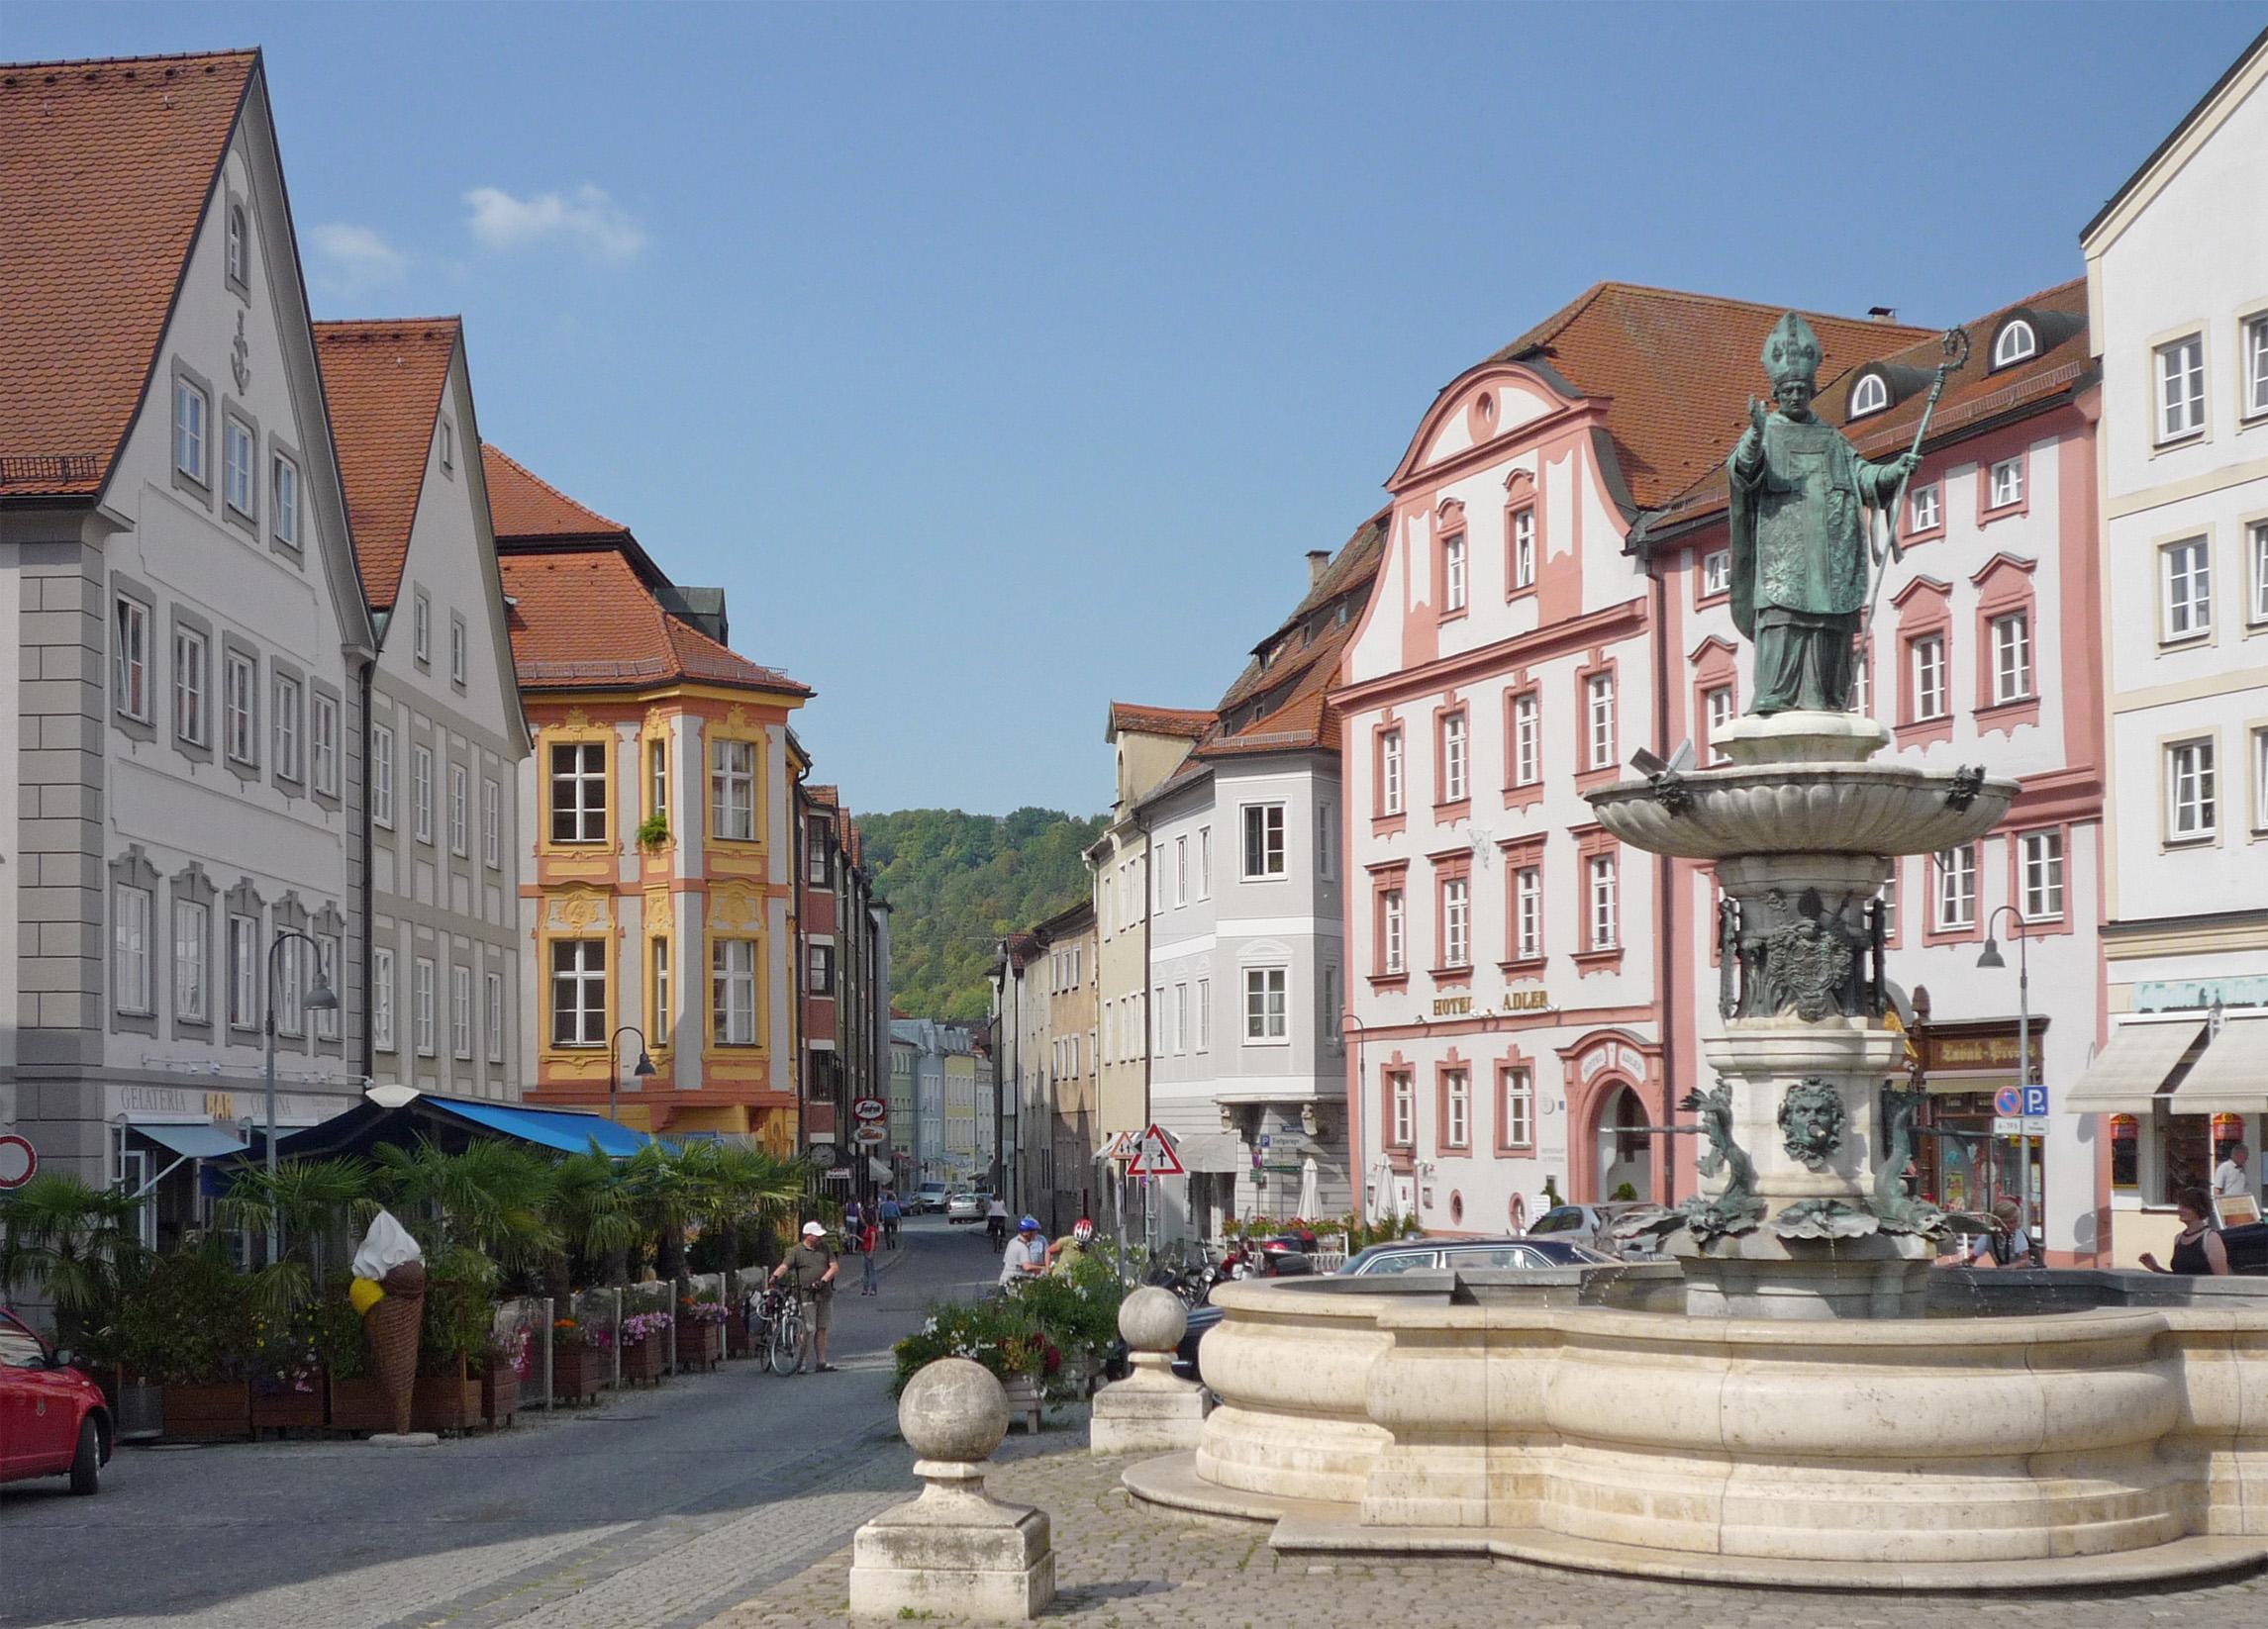 Marktplatz mit Willibaldsbrunnen